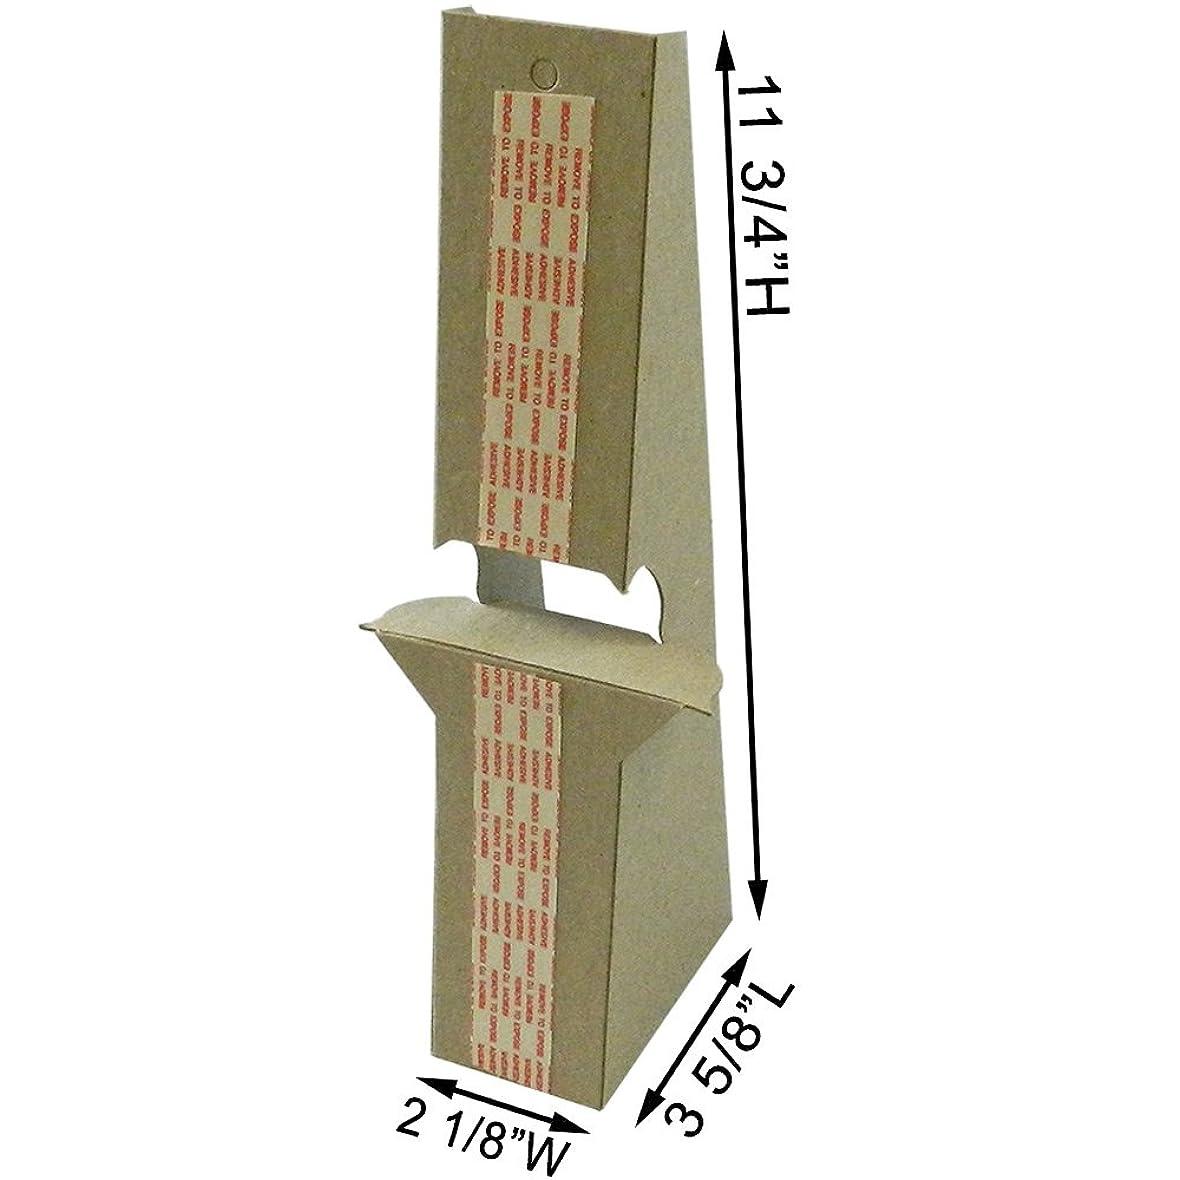 有益システム専門用語12インチ 粘着式クラフトイーゼルバック 頑丈 2倍の強度 最大14インチの高さのサインをサポート (25個パック)